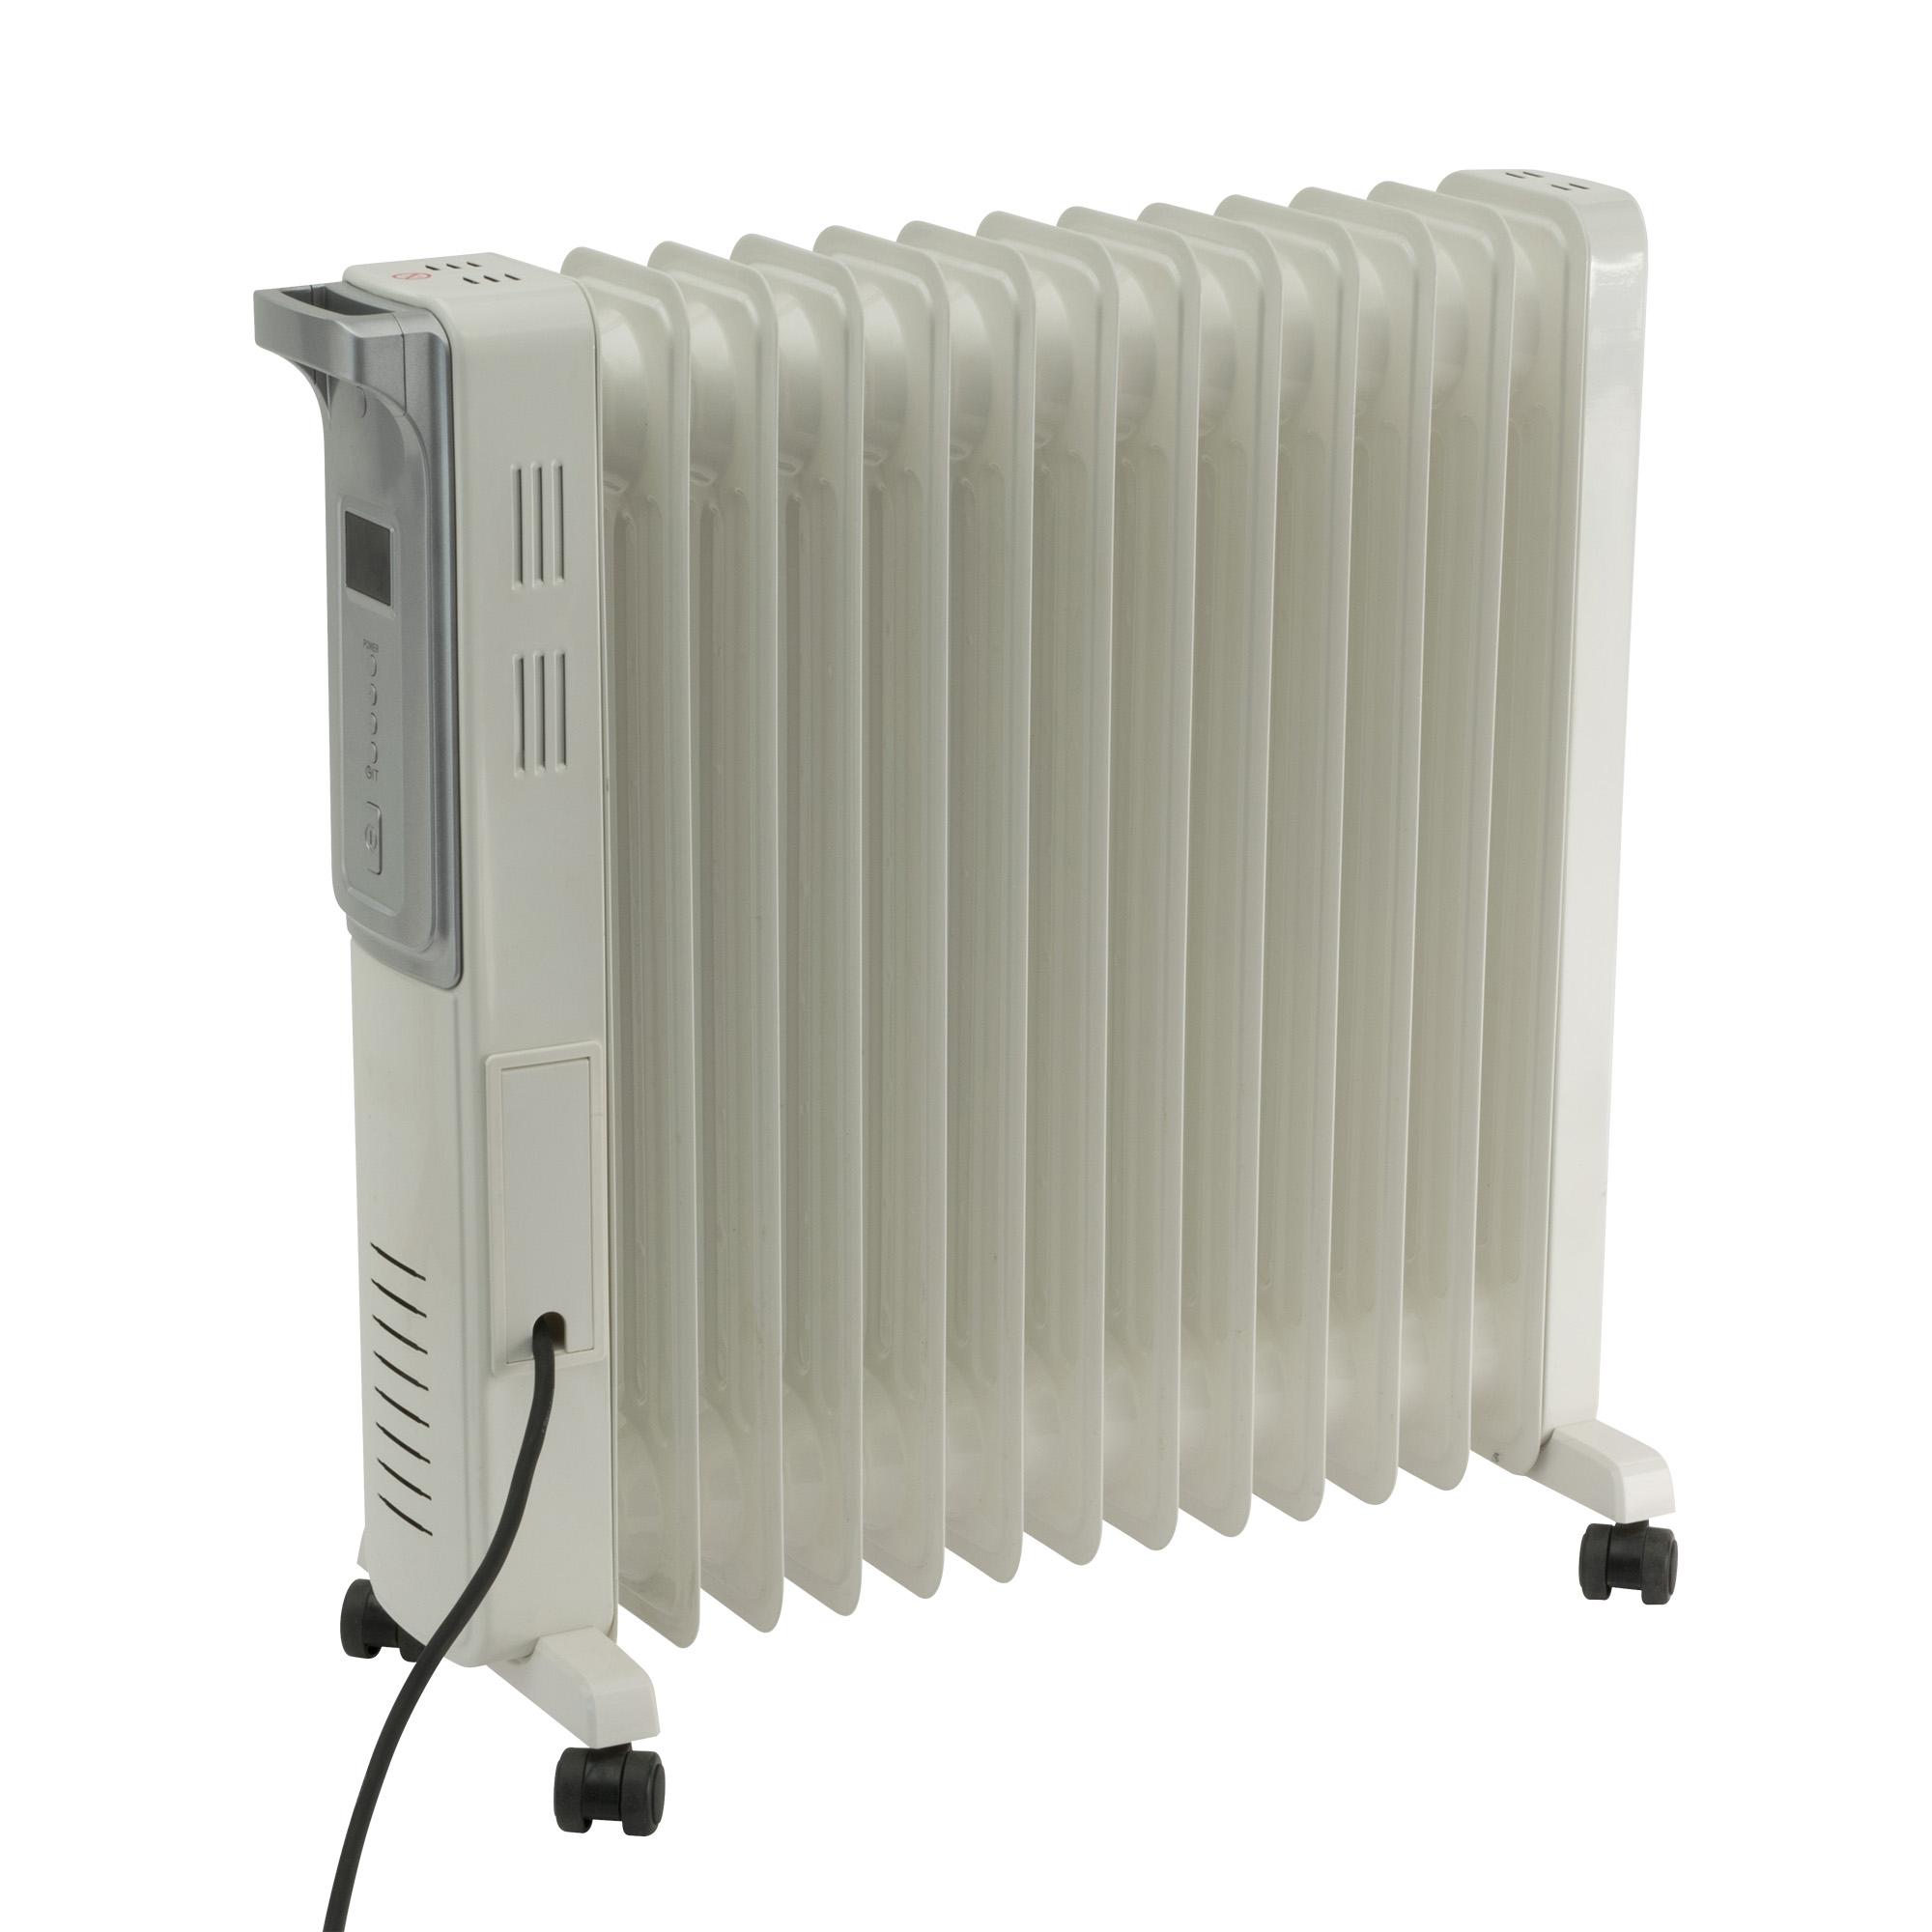 Calorifer electric cu ulei Home FKO 13 LCD, 2 panouri convectoare, 2500 W, aluminiu, alb, 63 x 60 cm imagine 2021 mathaus